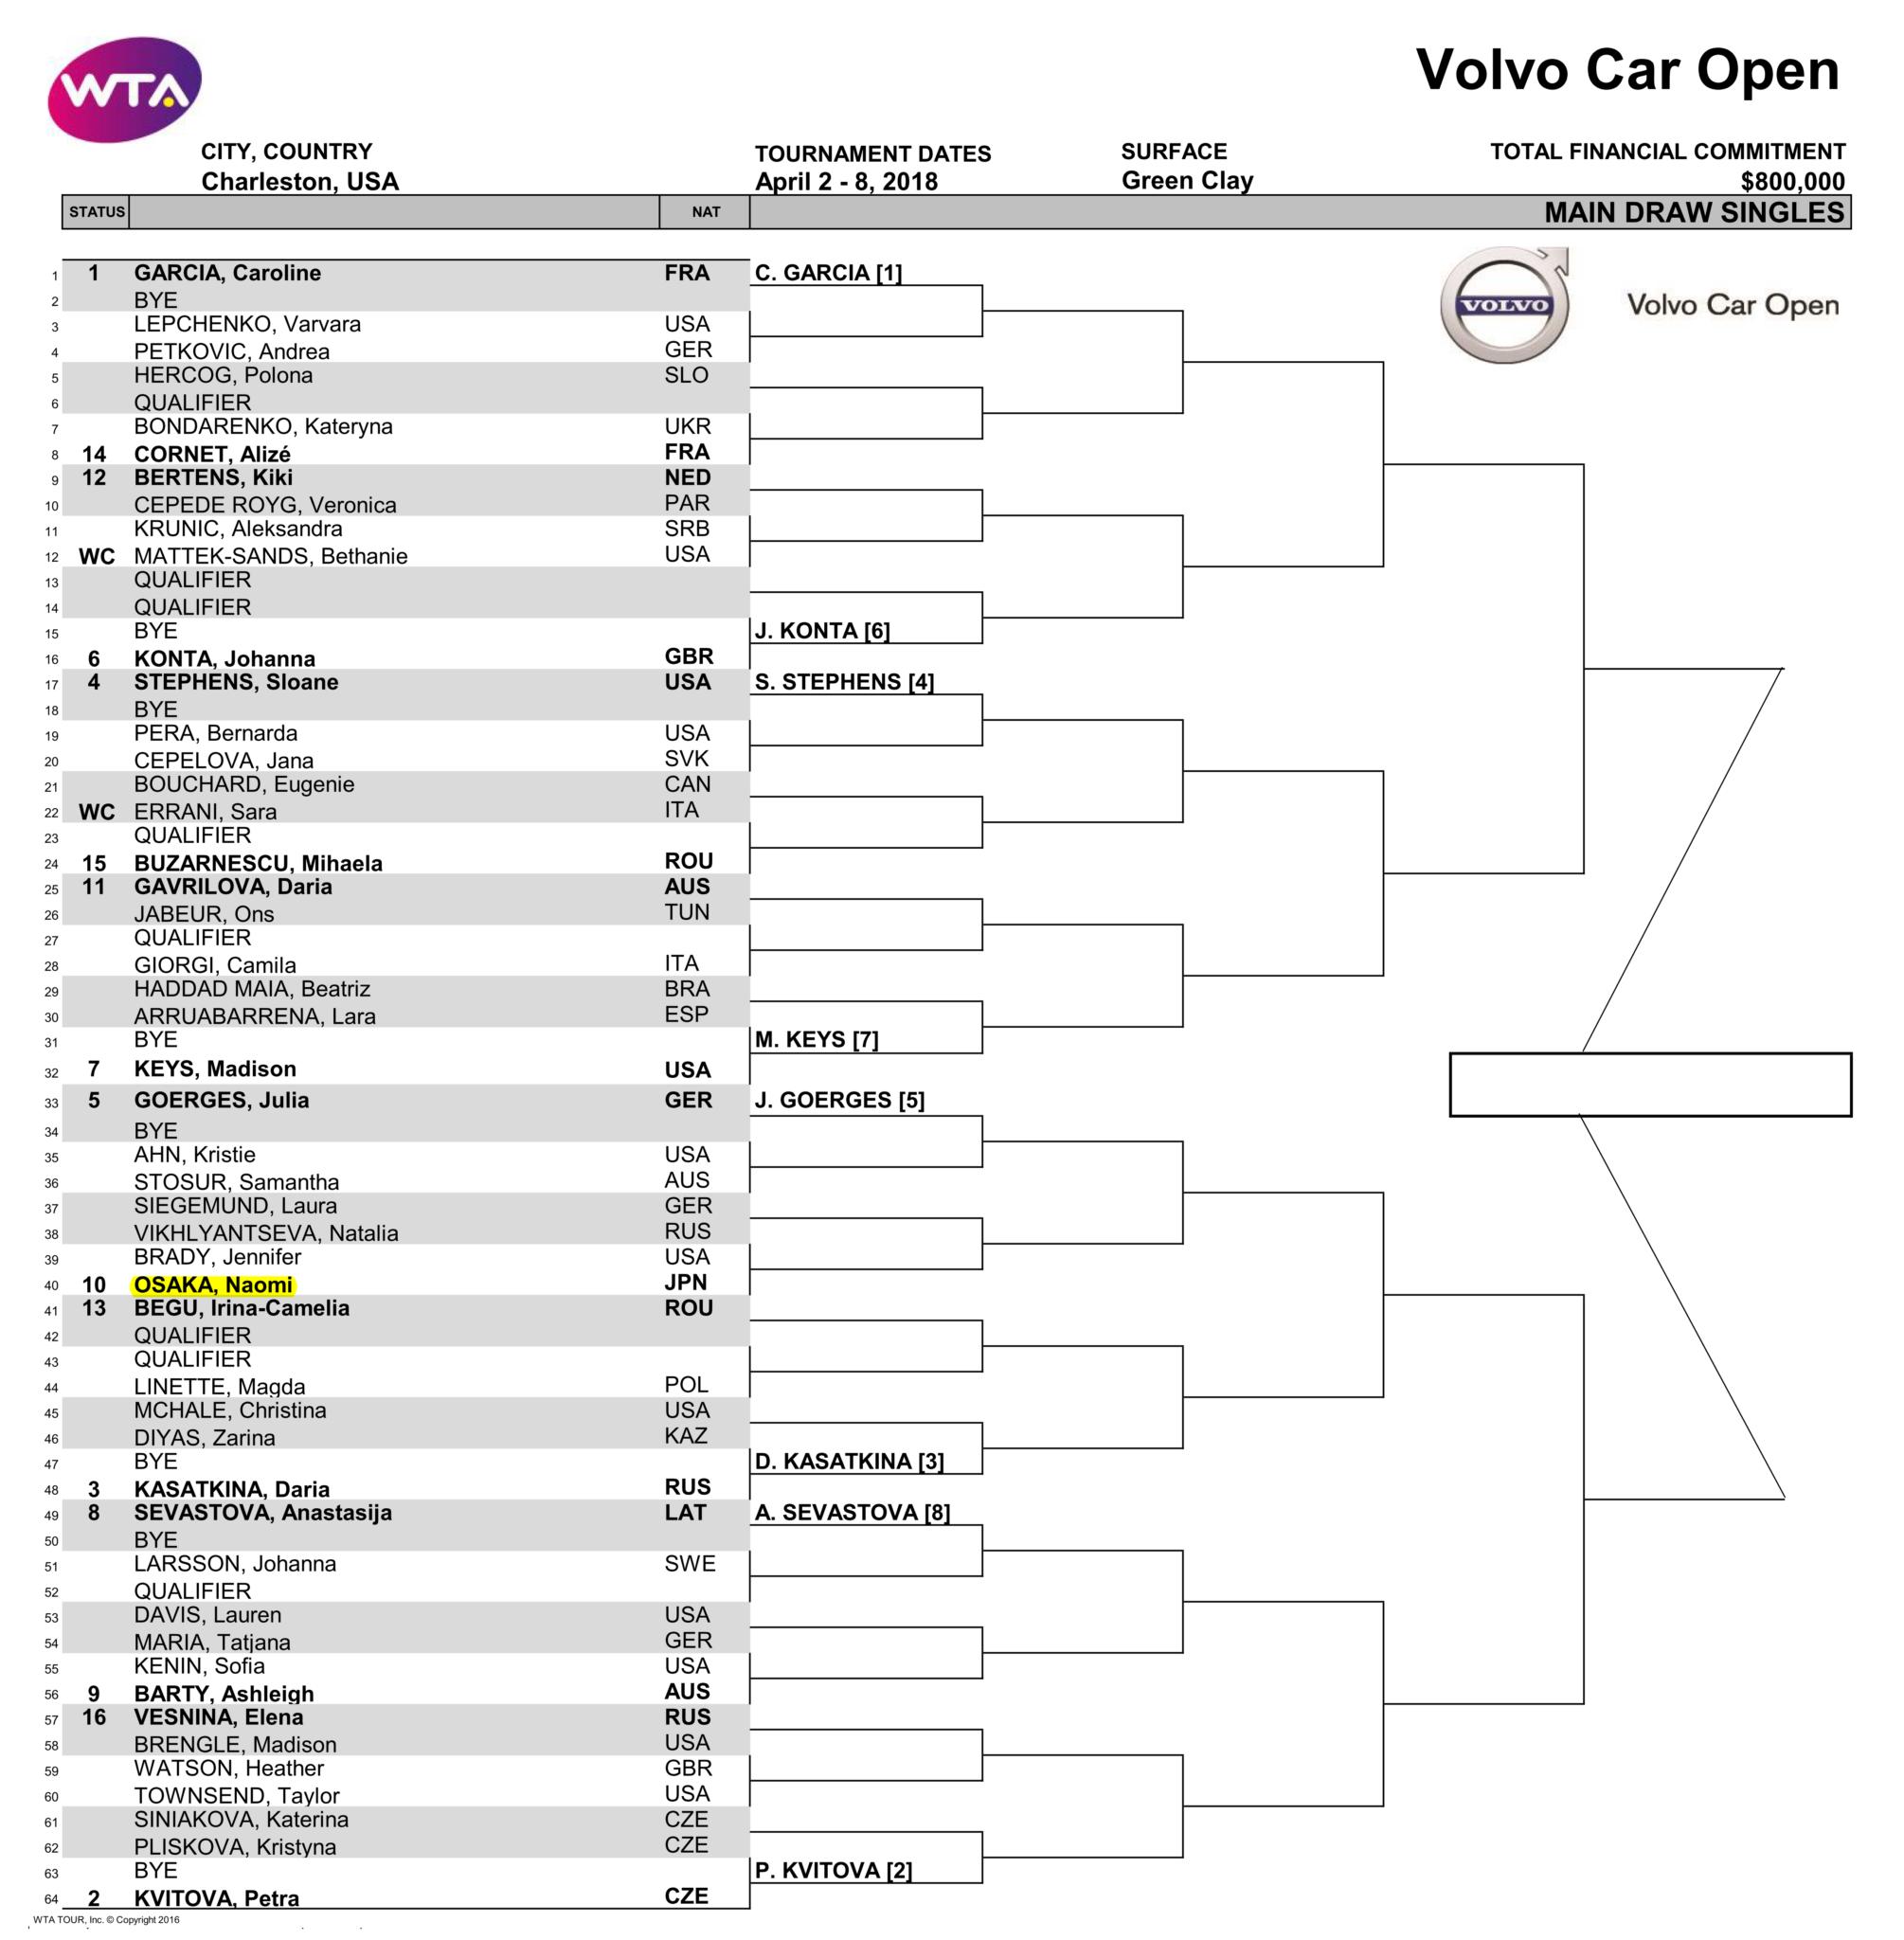 ボルボカーズオープンのドロー(トーナメント表)